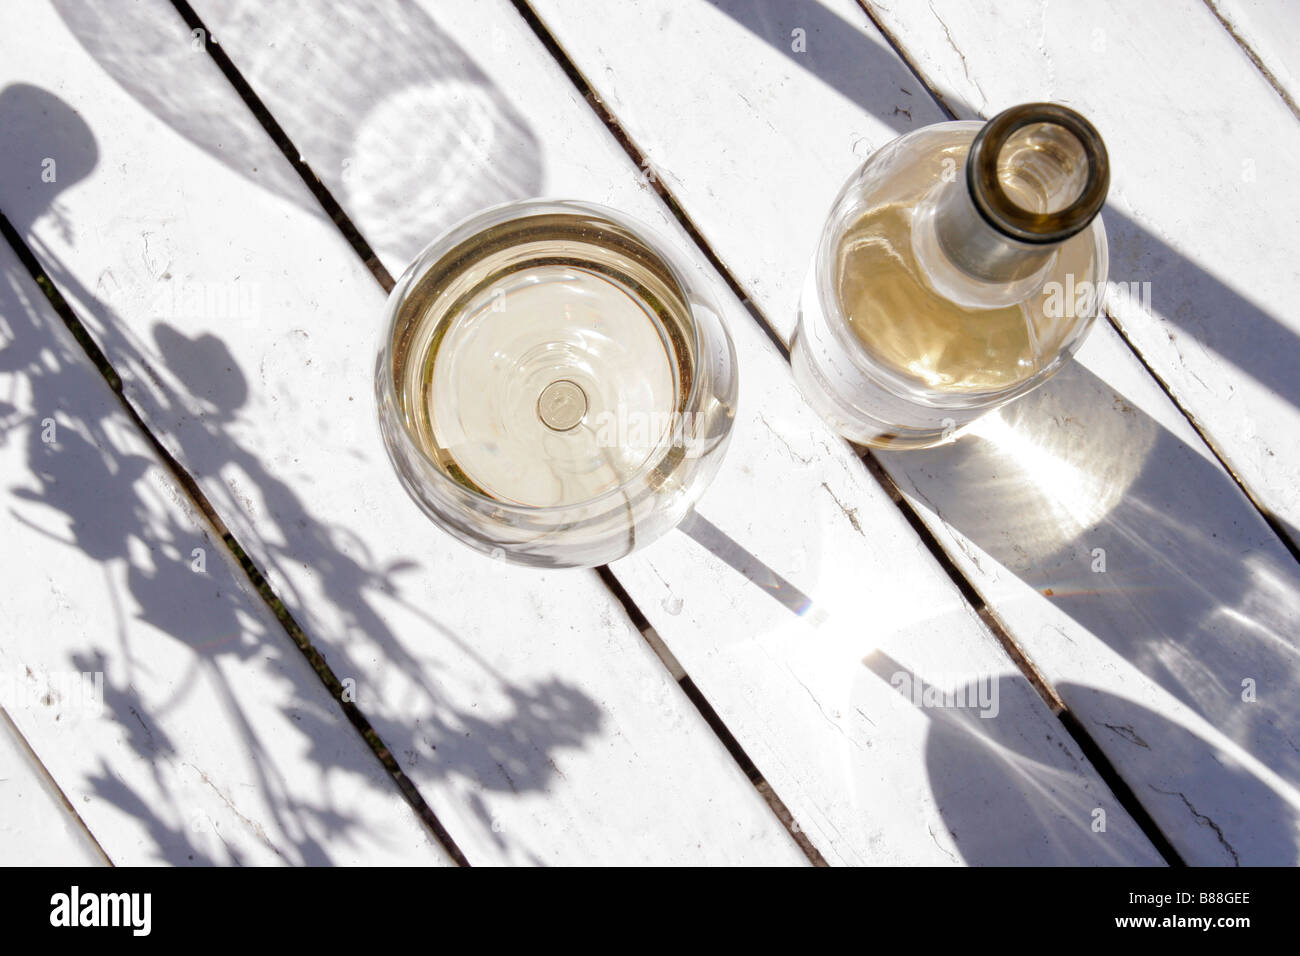 Una botella de vino blanco y un vaso colocado fuera sobre una tabla de madera blanca. Imagen De Stock